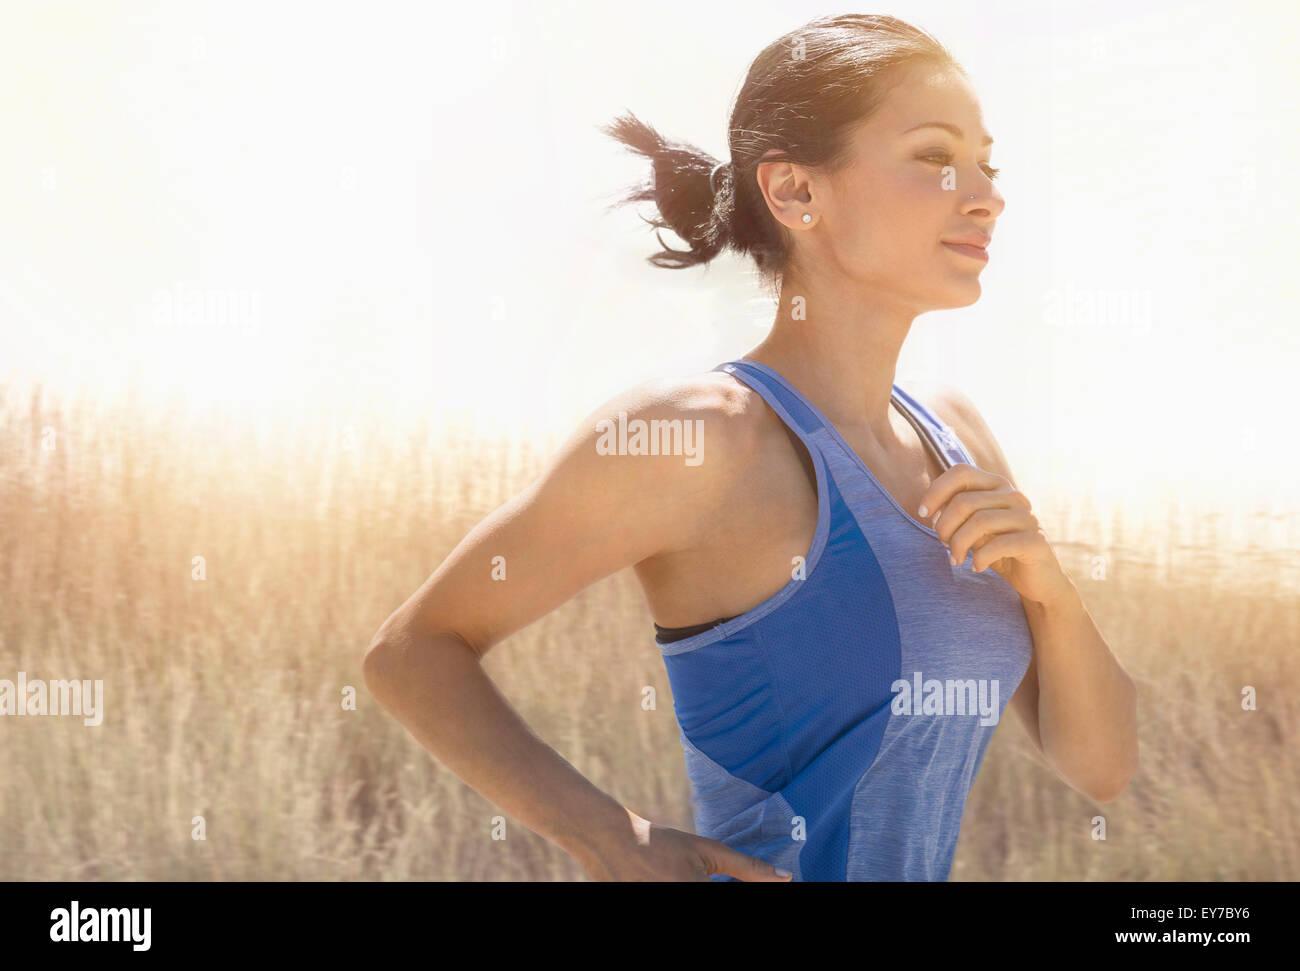 Giovane donna correndo all'aperto Immagini Stock